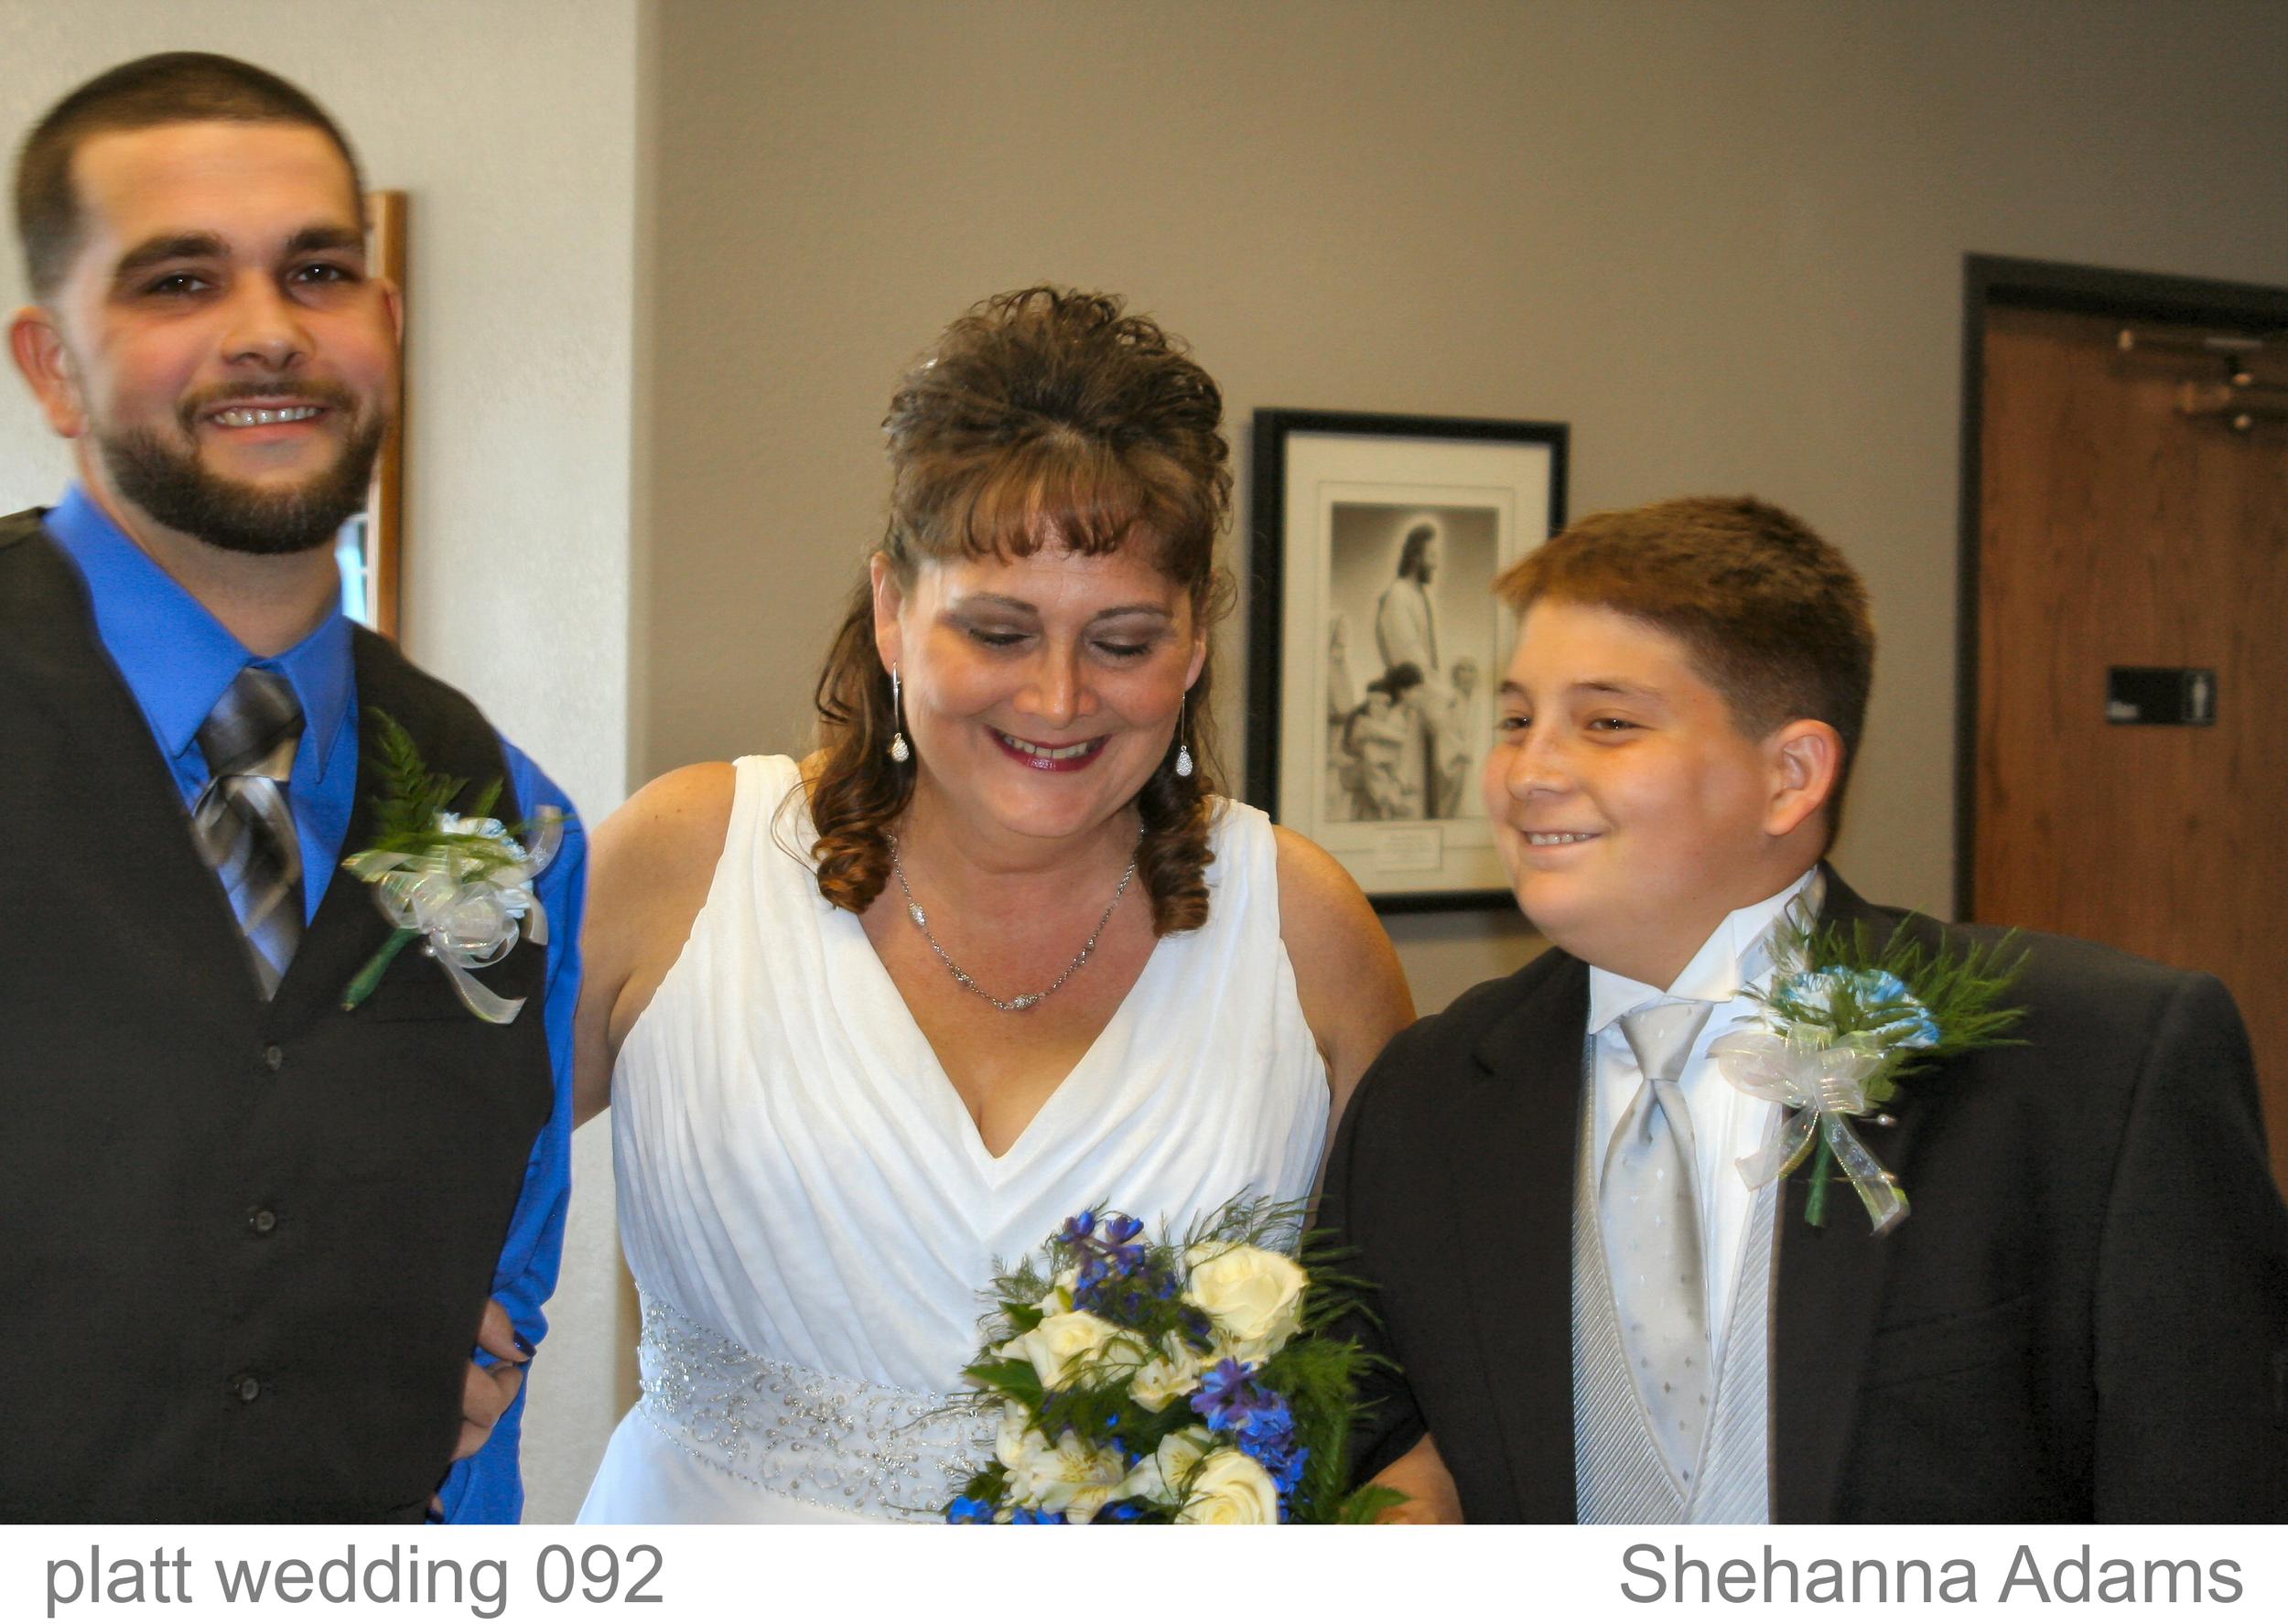 platt wedding 092.jpg